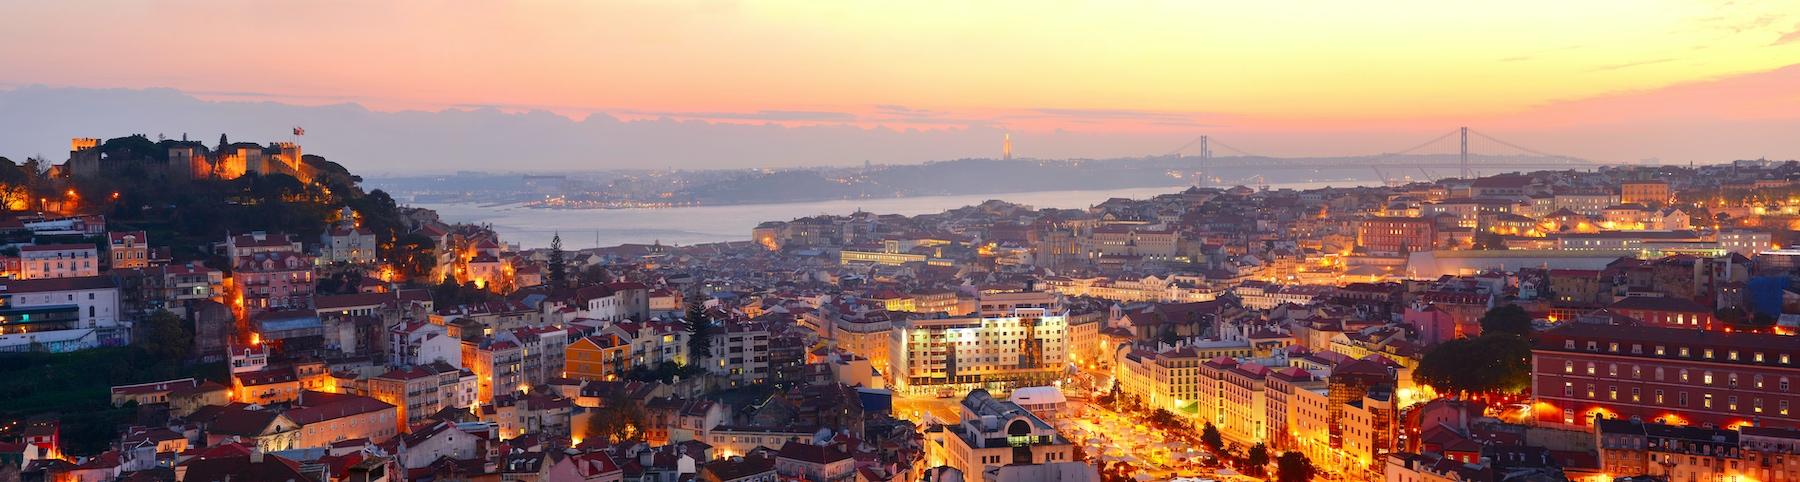 Voyage d'affaires, voyage privé : suivez-nous au Portugal, Artheau Aviation vous emmène !